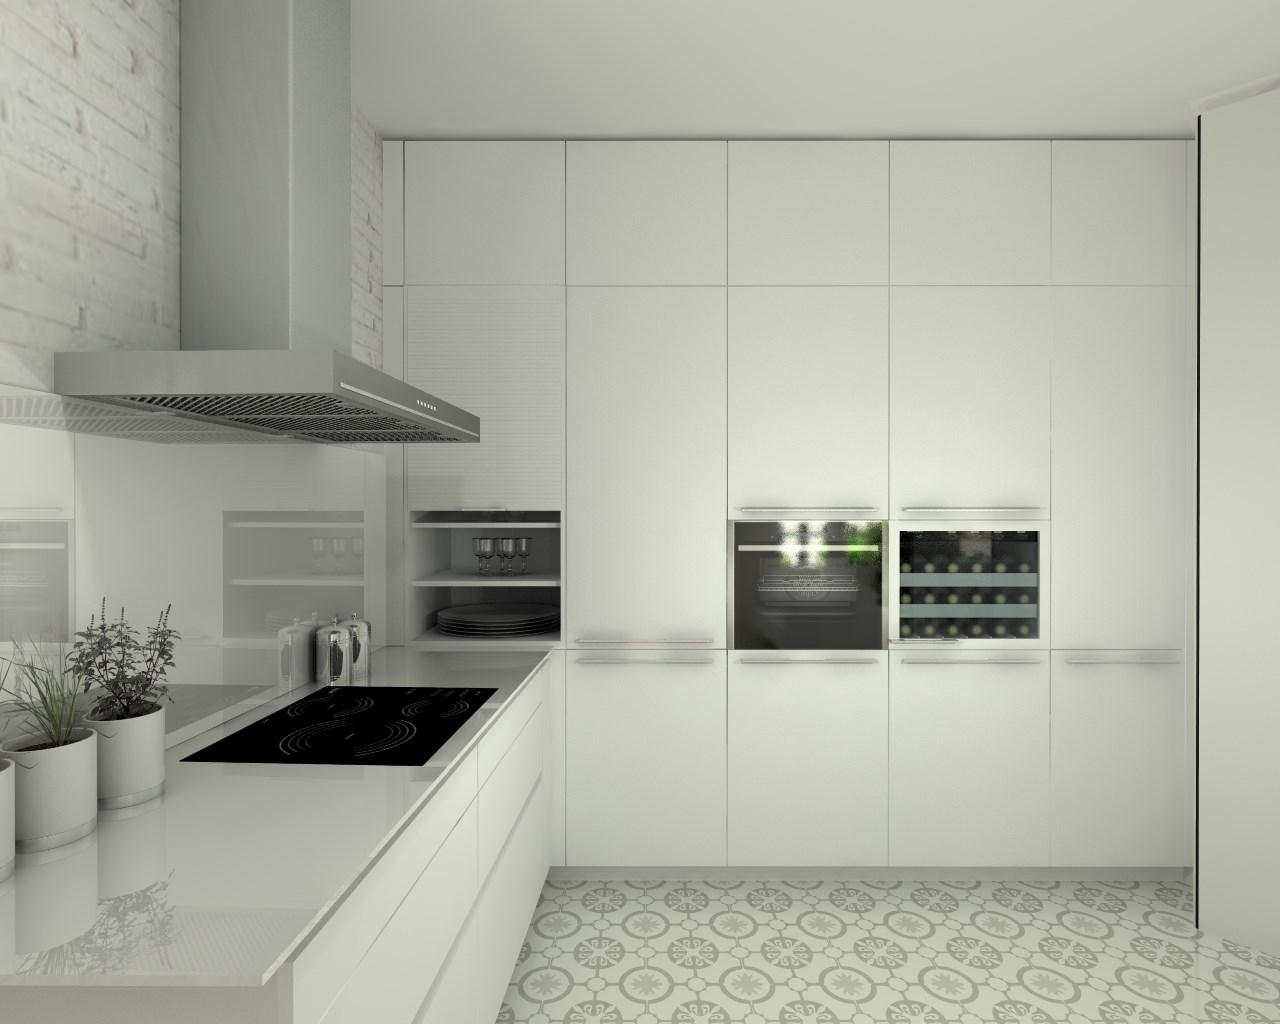 Cocina santos modelo line estratificado blanco encimera for Encimera auxiliar cocina